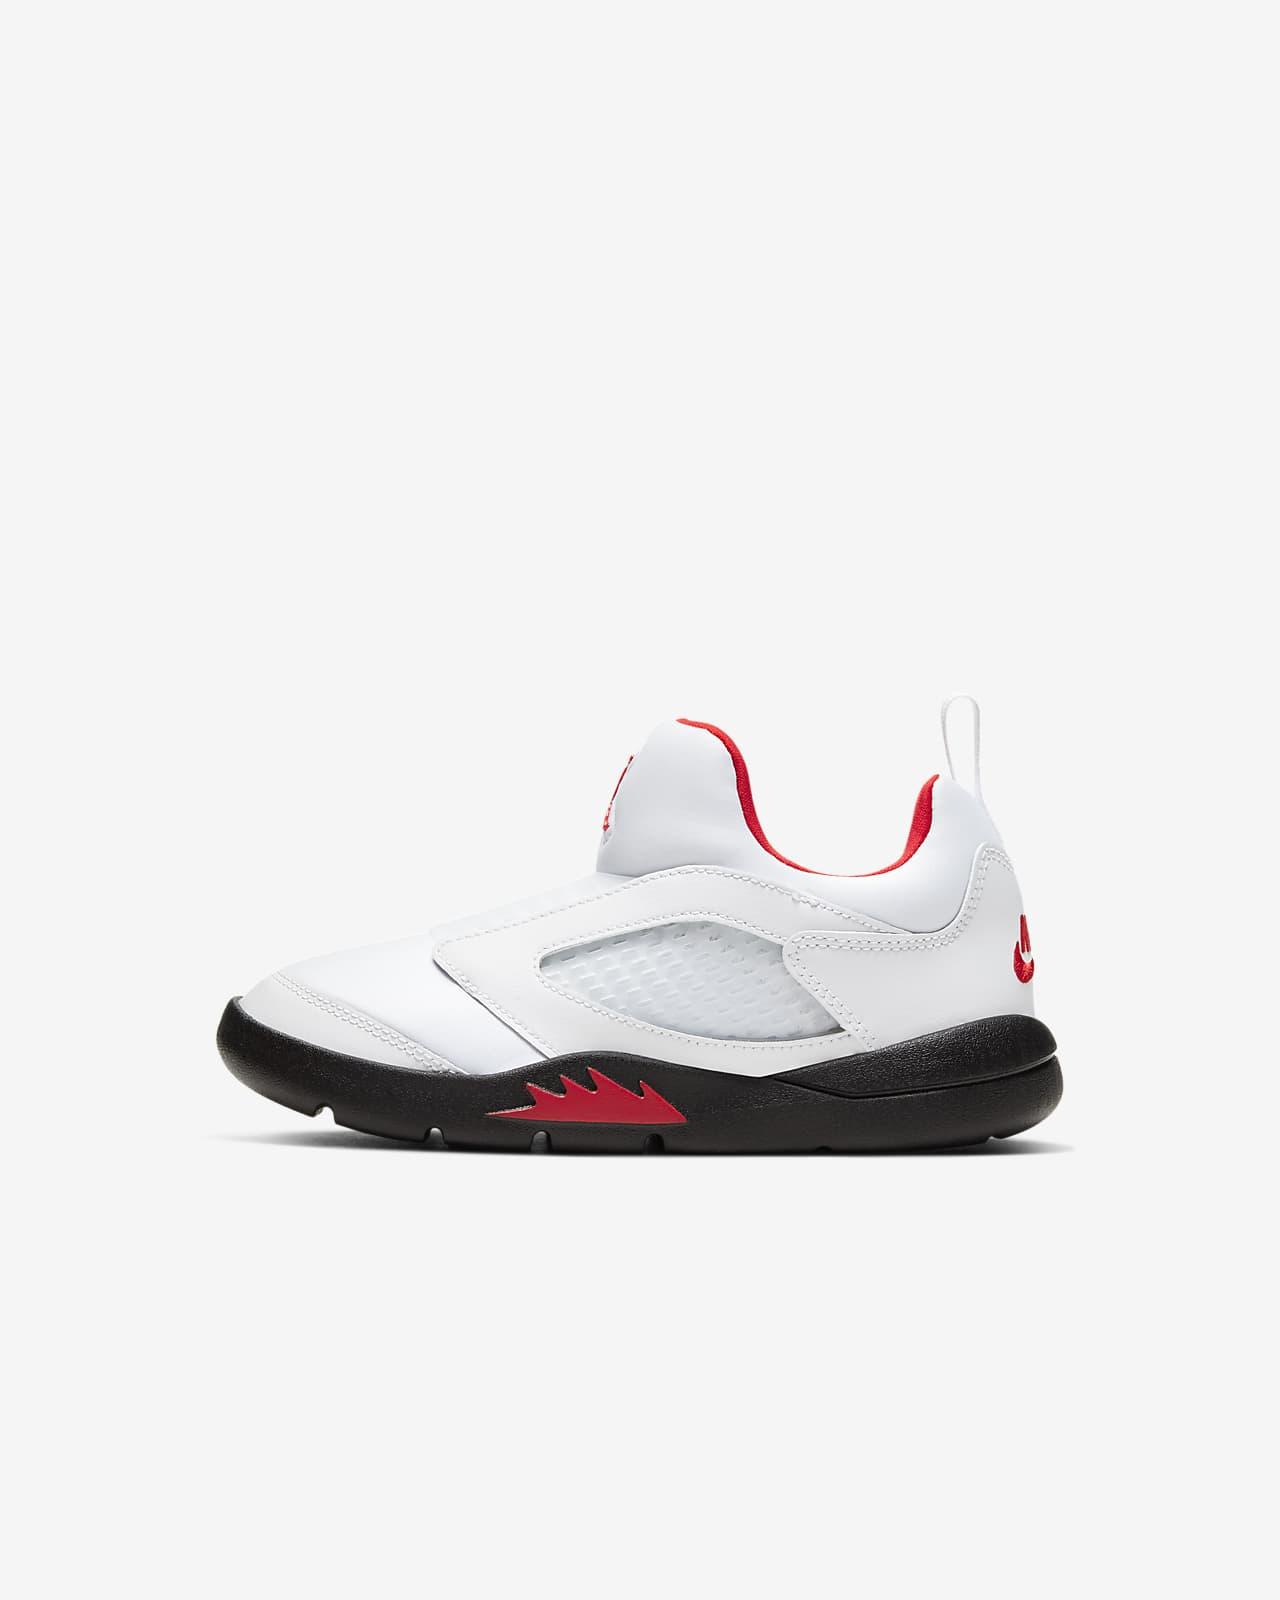 Jordan 5 Retro Little Flex Schuh für jüngere Kinder